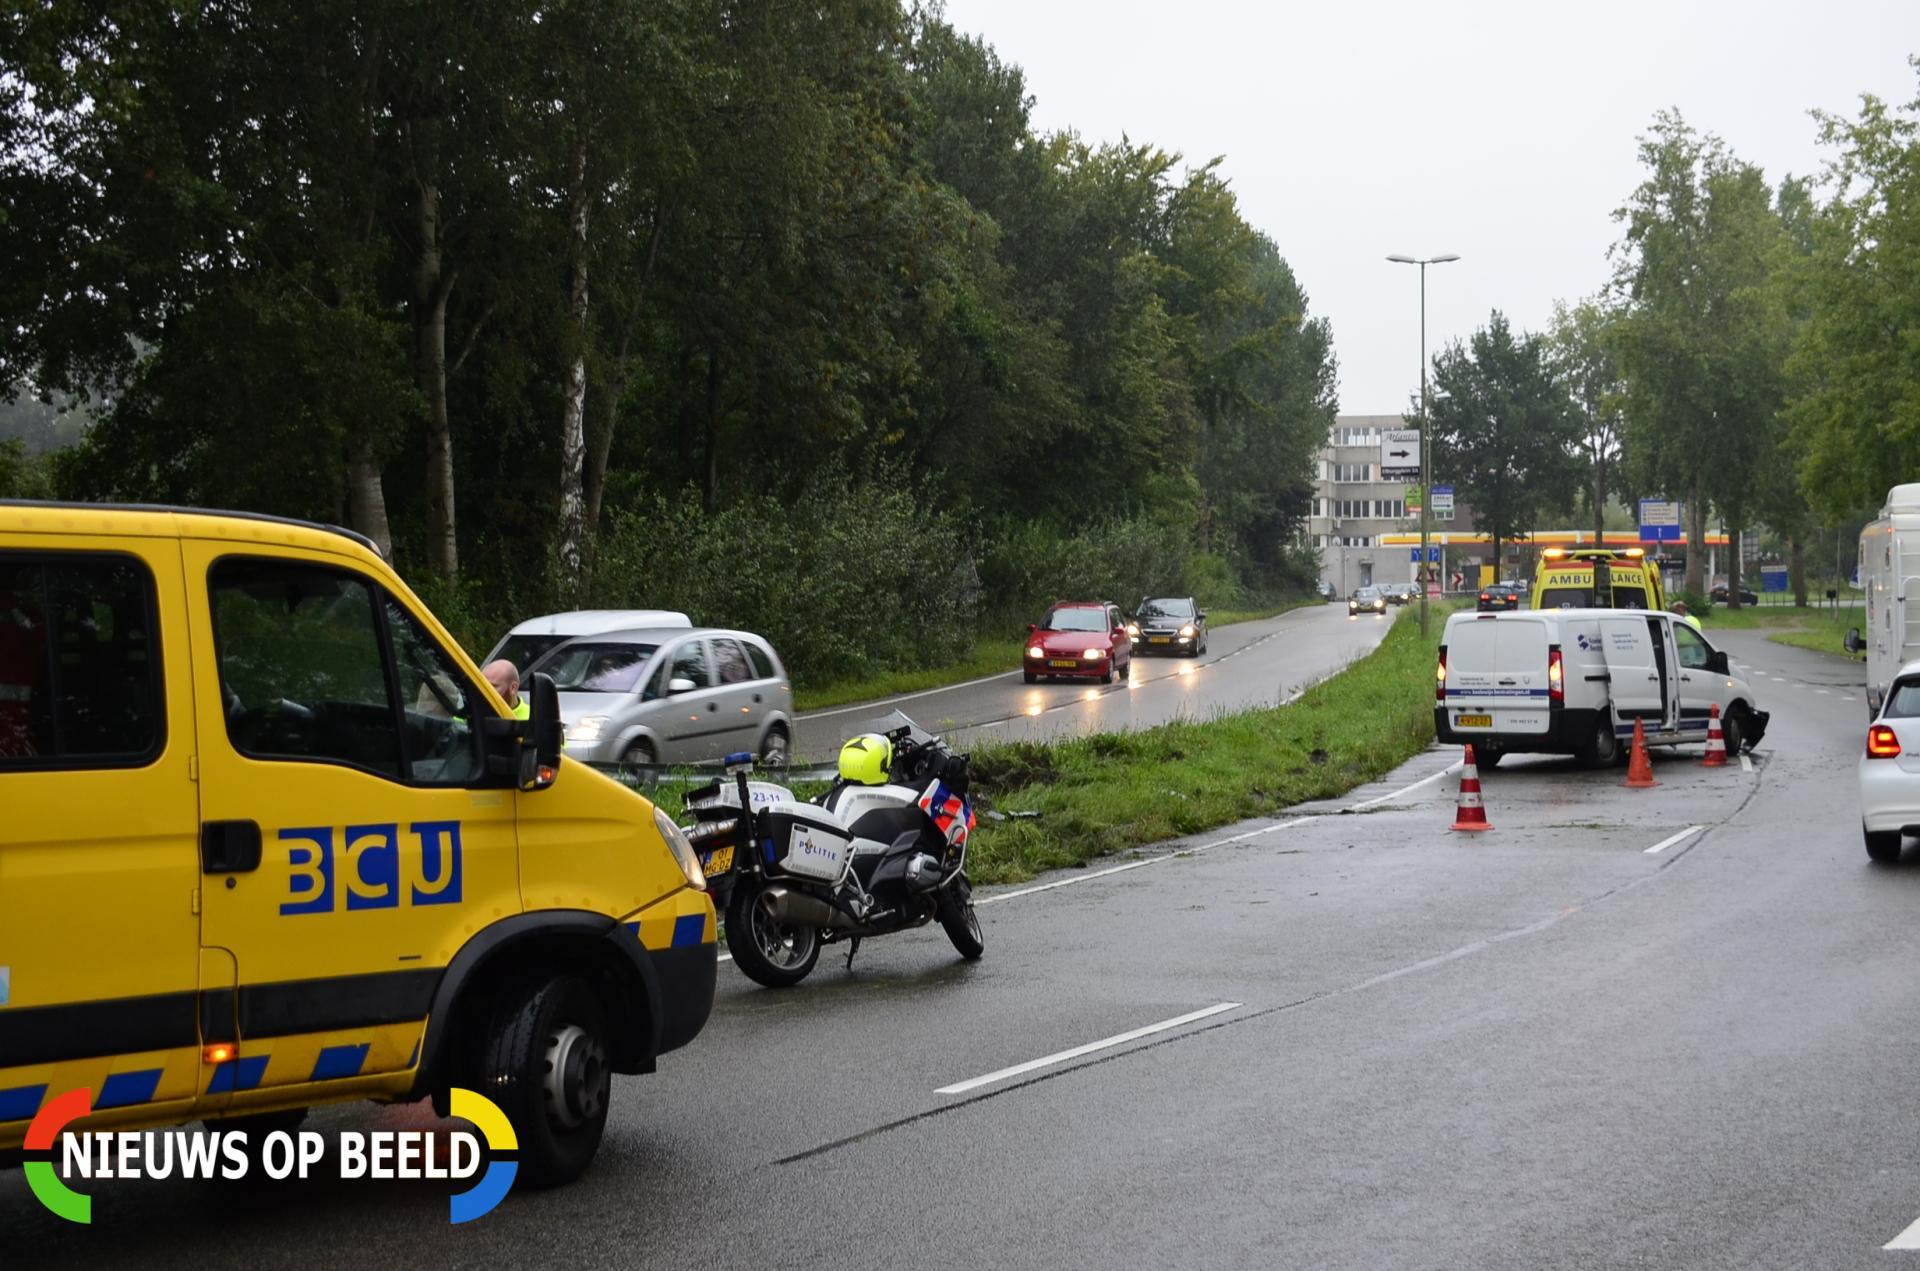 Bestelbus uit de bocht gevlogen, bestuurder raakt gewond Goudse Poort Gouda